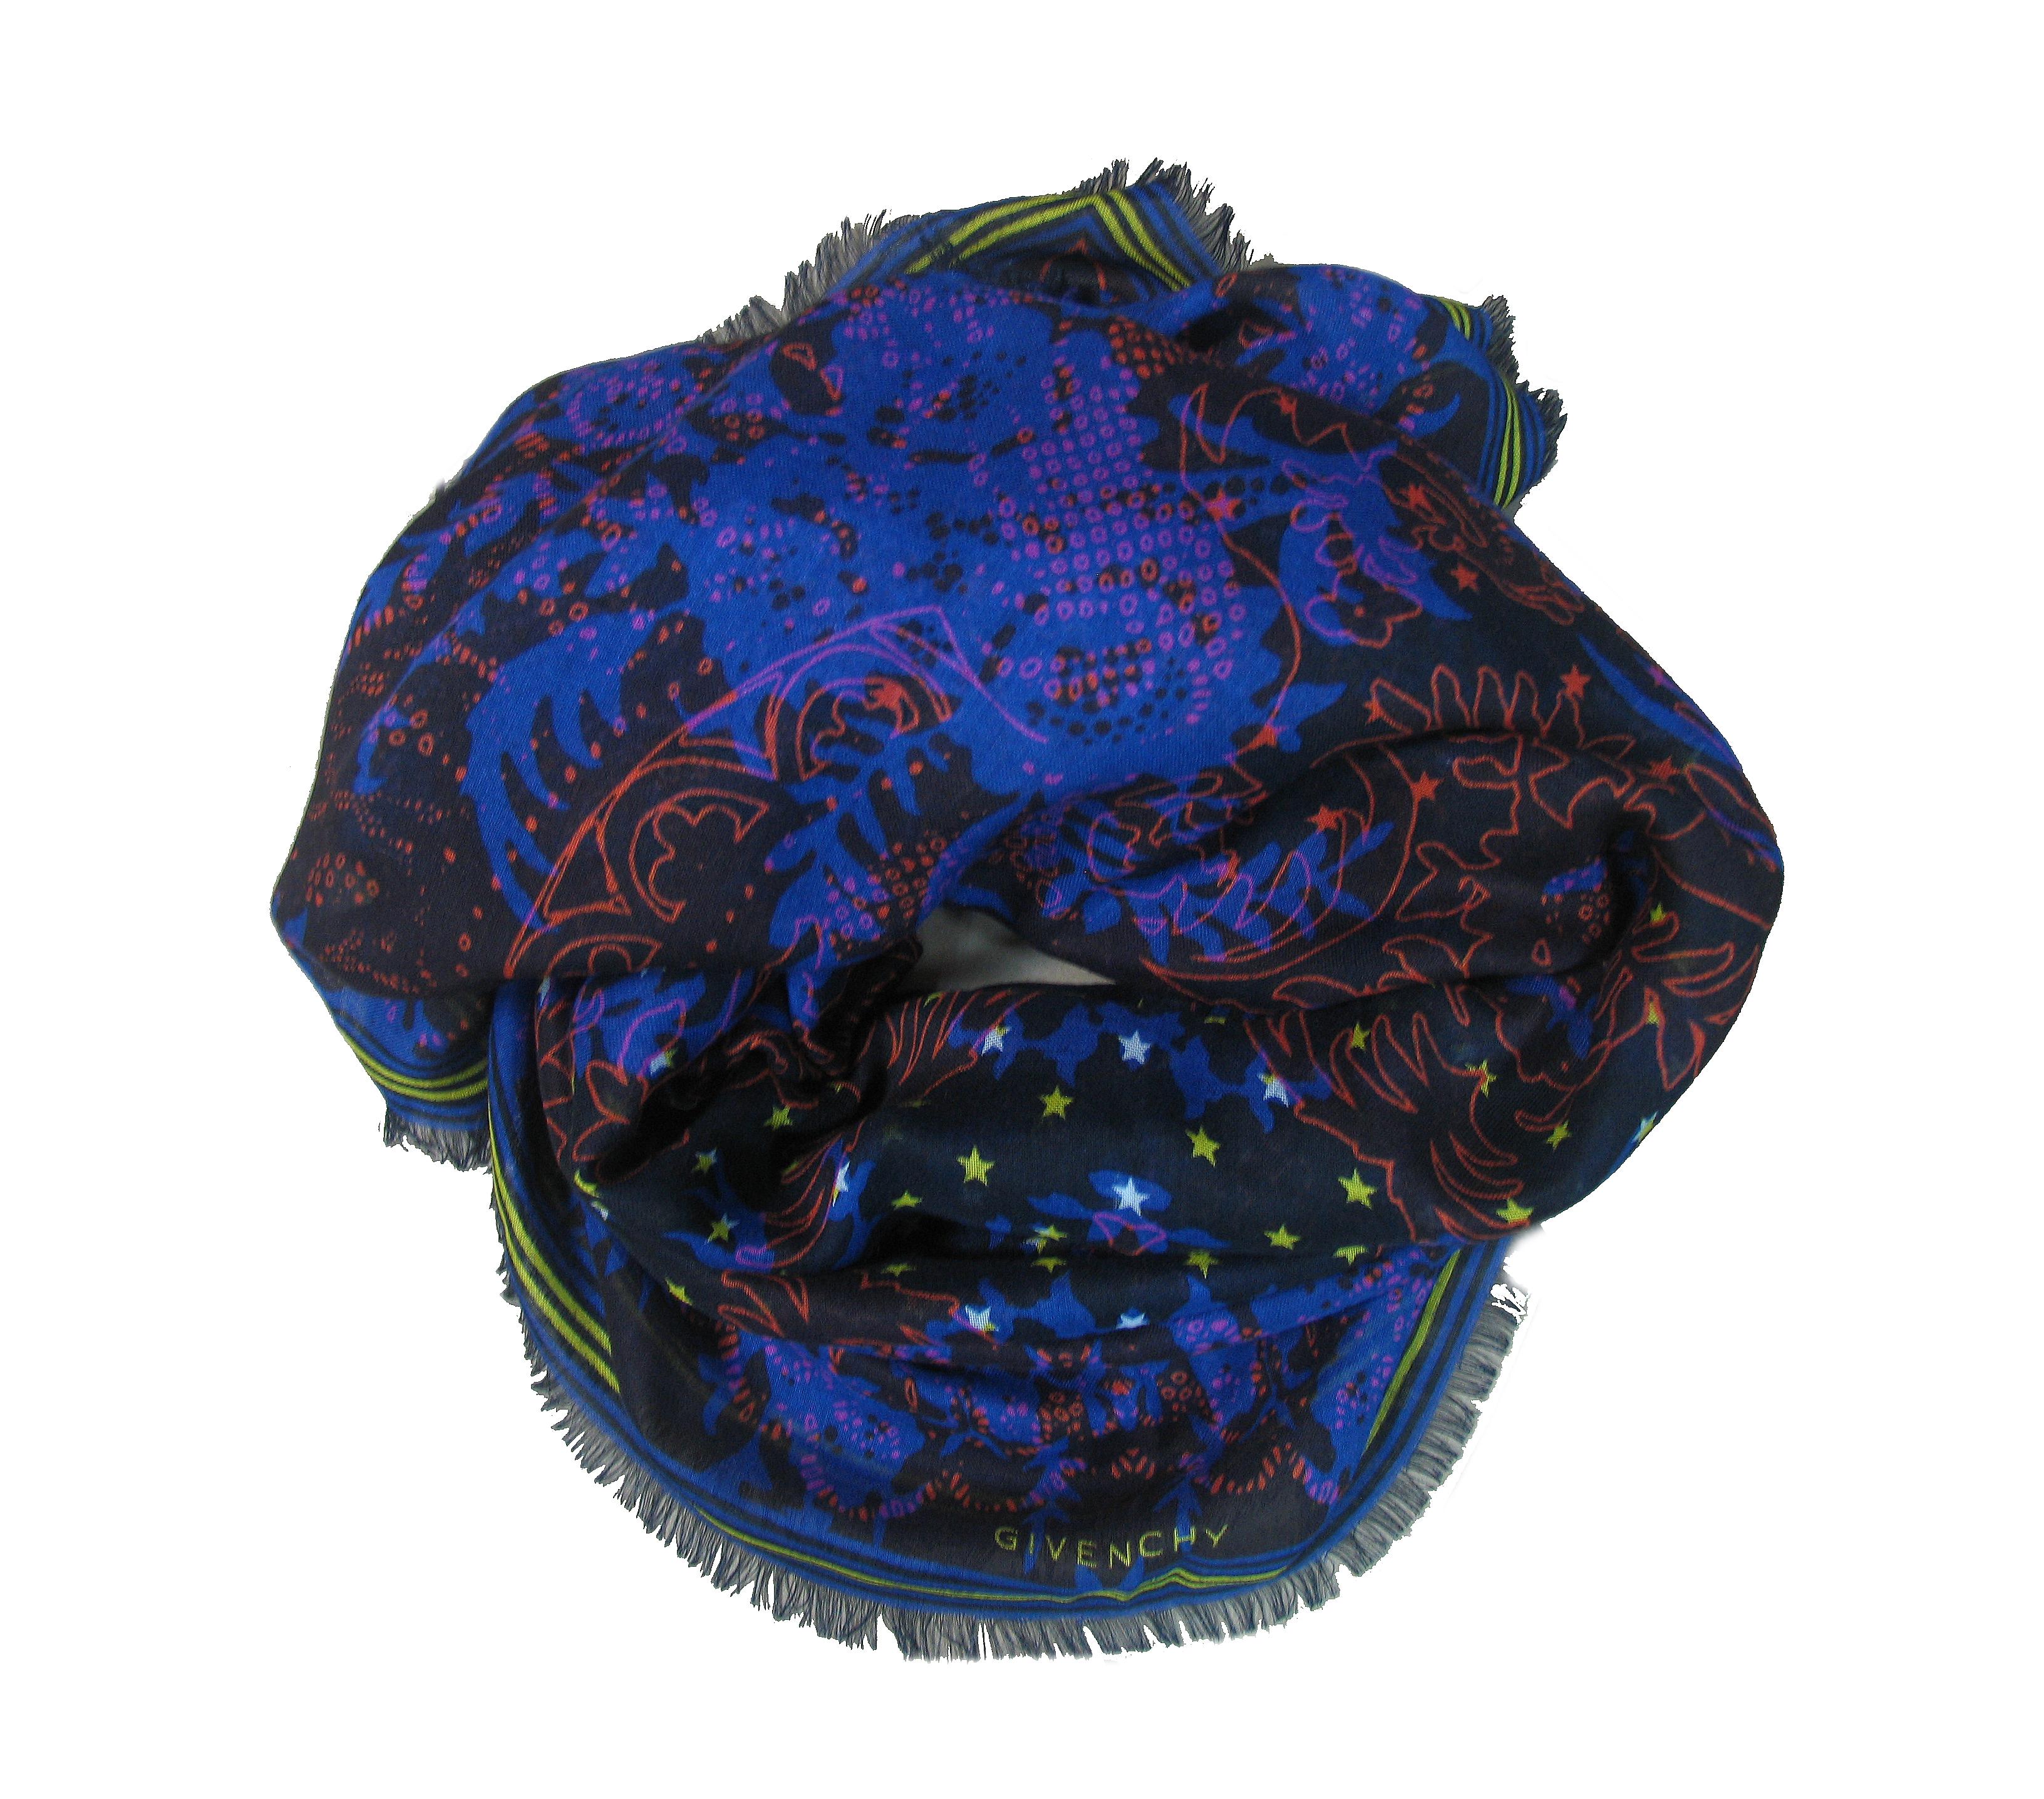 Палантин женский Givenchy M11420001-GV темно-синий/черный, 140*200 см